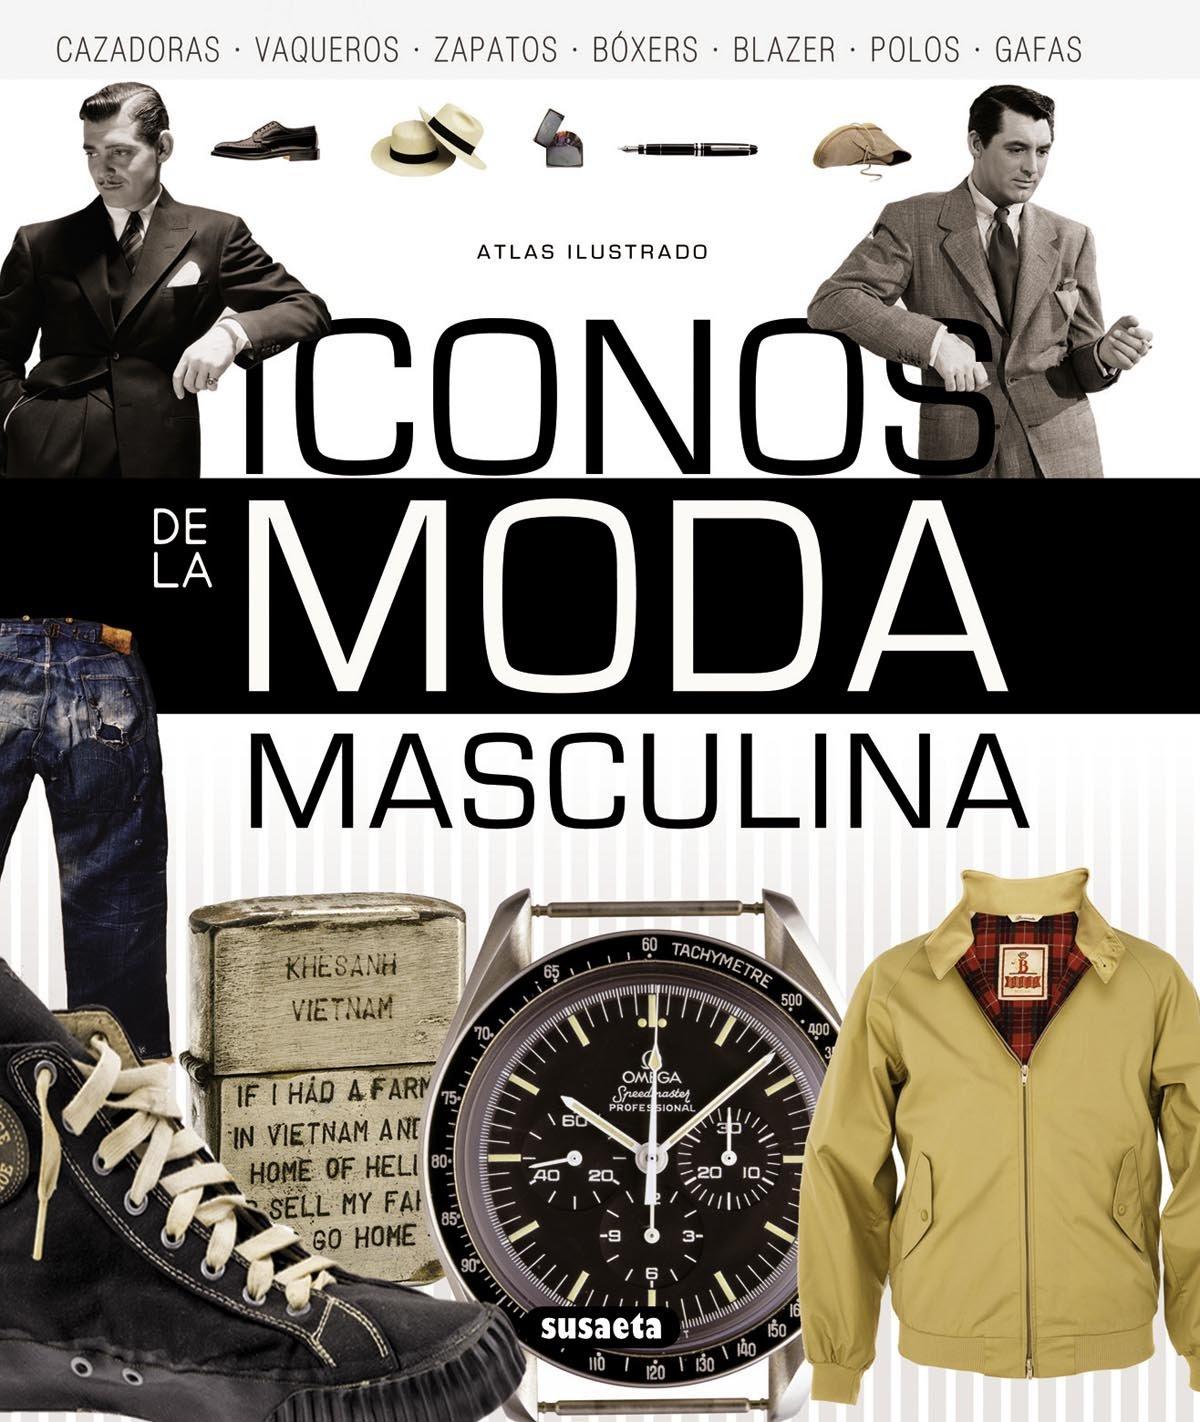 Atlas ilustrado de iconos de la moda masculina: Josh Sims: 9788467722727: Amazon.com: Books